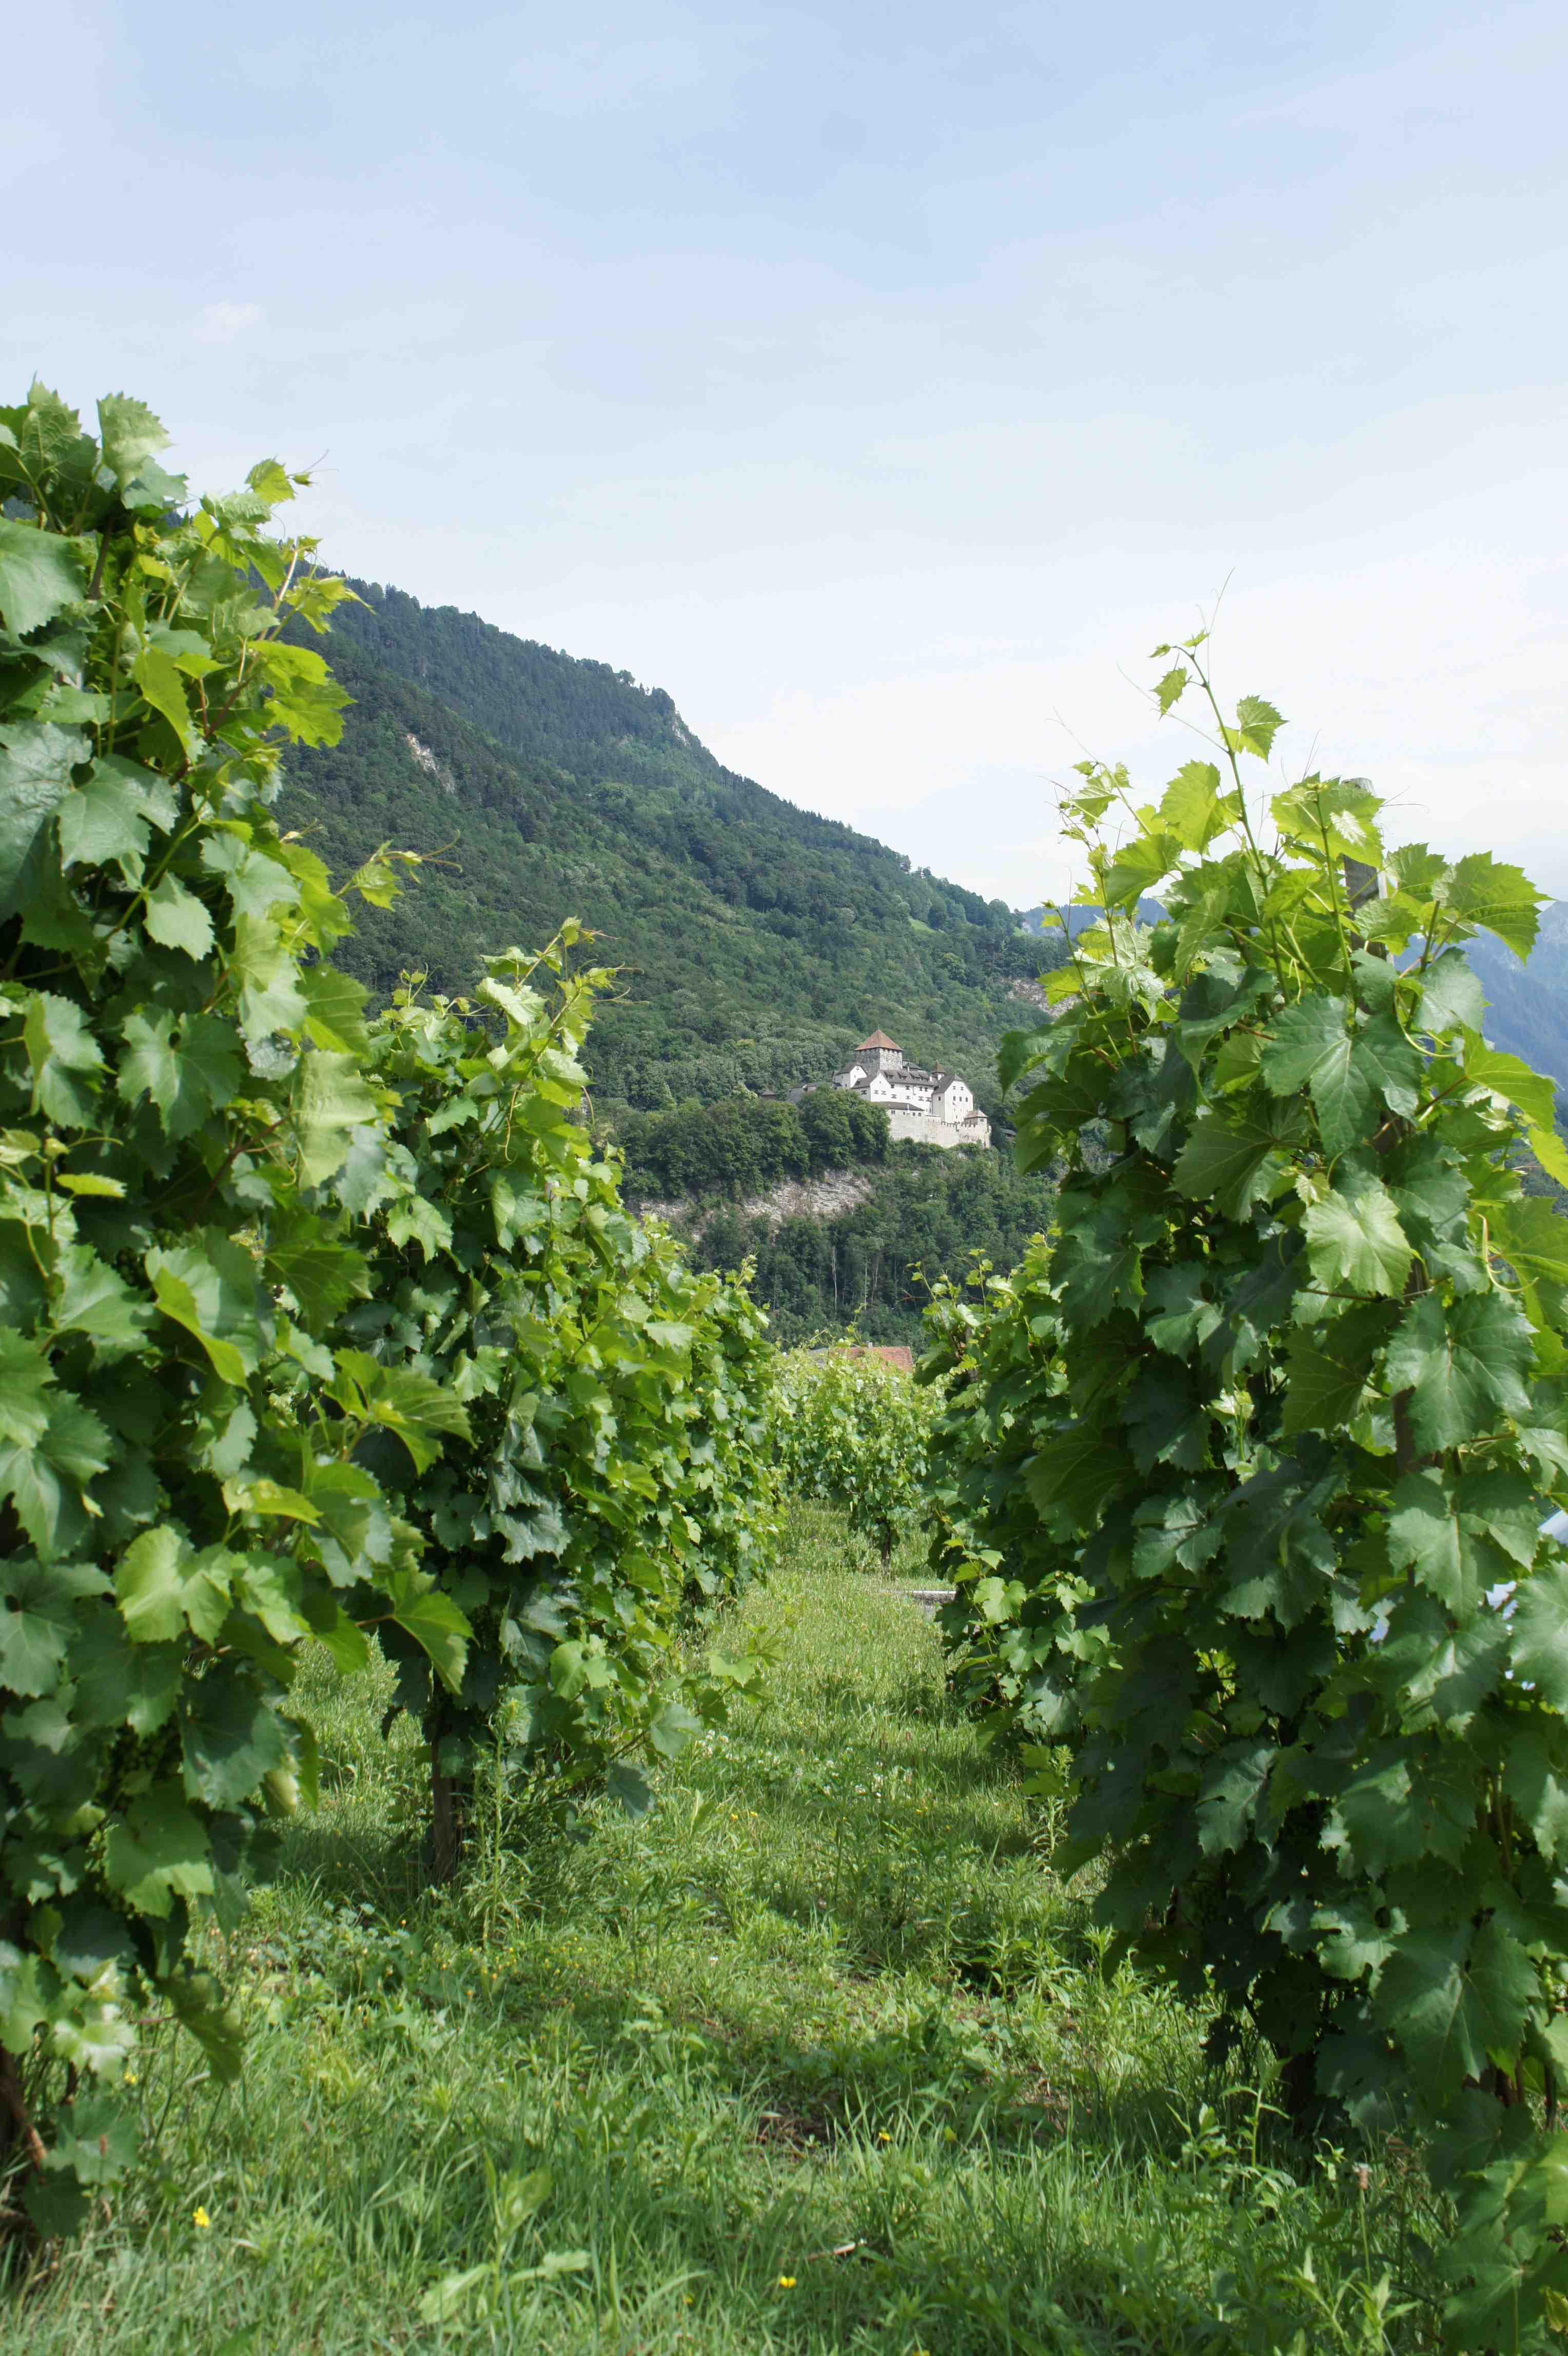 Ein Blick zwischen den Weinreben hindurch auf das fürstliche Schloss, oberhalb von Vaduz, dem Hauptort von Liechtenstein. Foto: (c) Kinderoutdoor.de